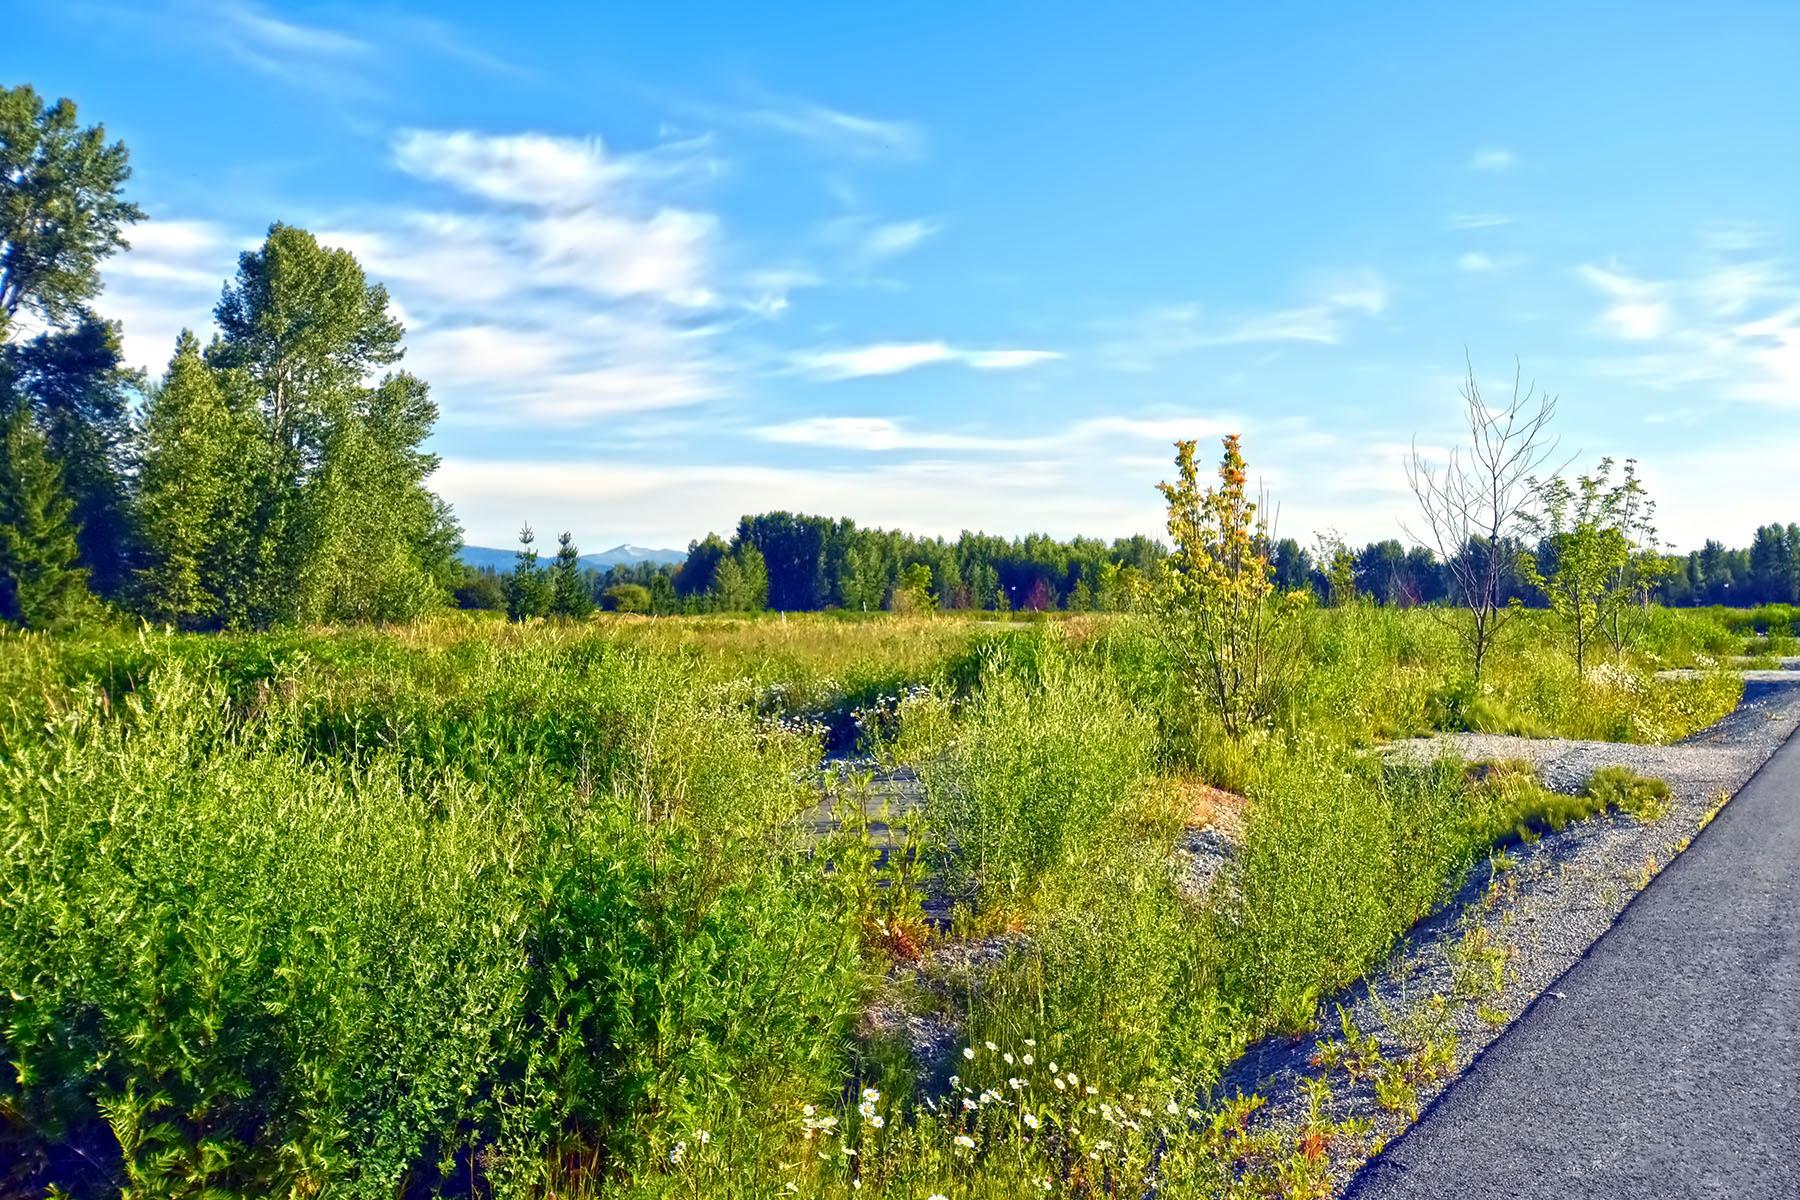 Đất đai vì Bán tại Seven Sisters Building Lots 210 Seven Sisters Drive Kootenai, Idaho, 83840 Hoa Kỳ